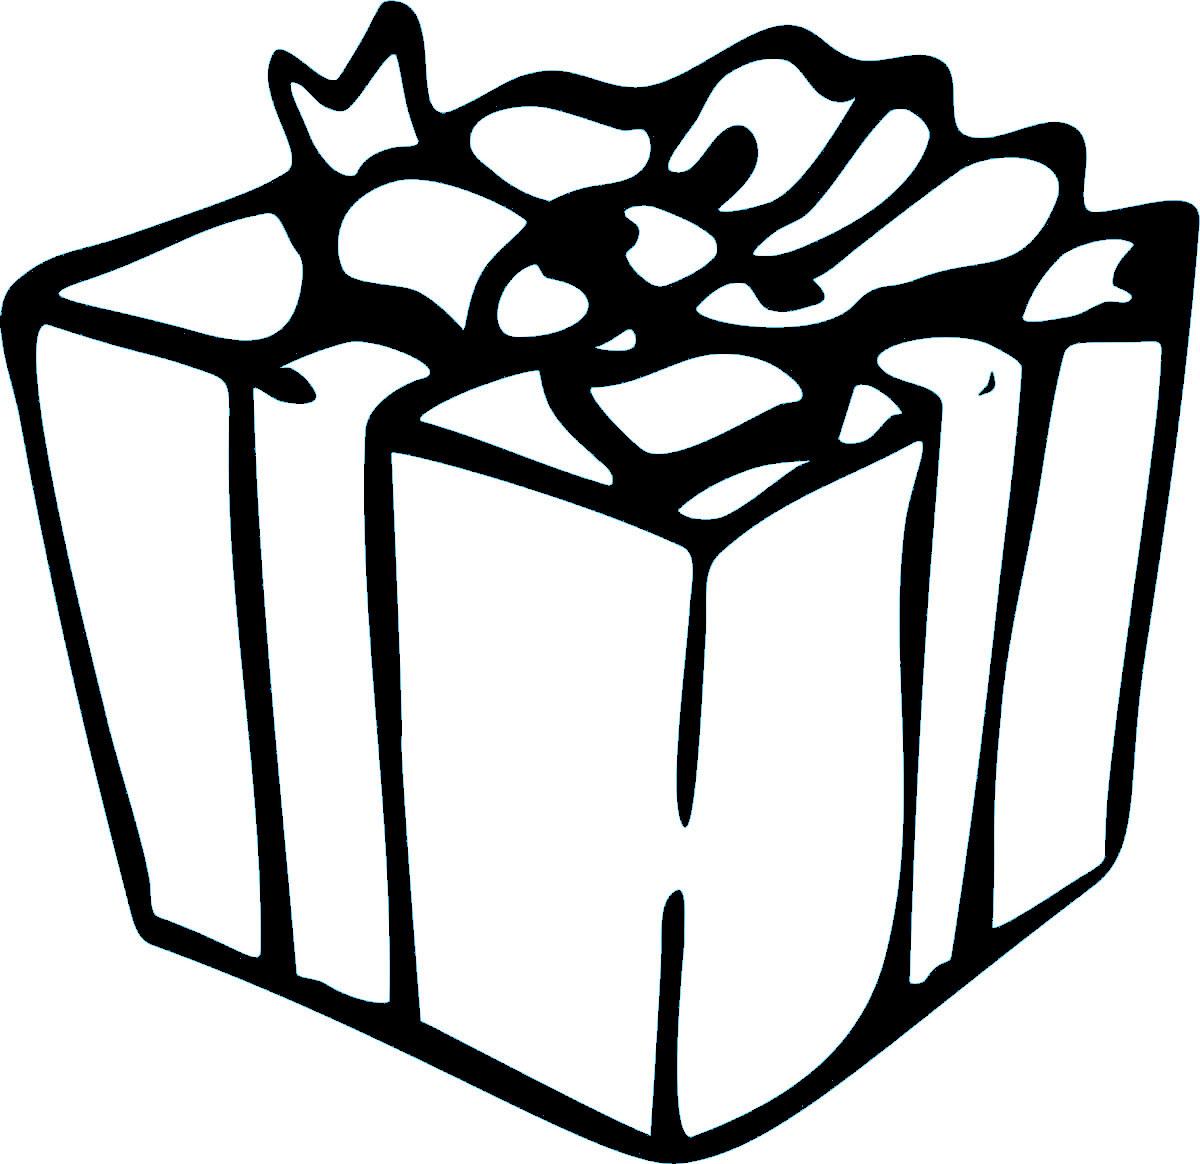 Наклейка автомобильная Оранжевый слоник Подарок в коробке, виниловая, цвет: черныйCA-3505Оригинальная наклейка Оранжевый слоник Подарок в коробке изготовлена из высококачественной виниловой пленки, которая выполняет не только декоративную функцию, но и защищает кузов автомобиля от небольших механических повреждений, либо скрывает уже существующие.Виниловые наклейки на автомобиль - это не только красиво, но еще и быстро! Всего за несколько минут вы можете полностью преобразить свой автомобиль, сделать его ярким, необычным, особенным и неповторимым!